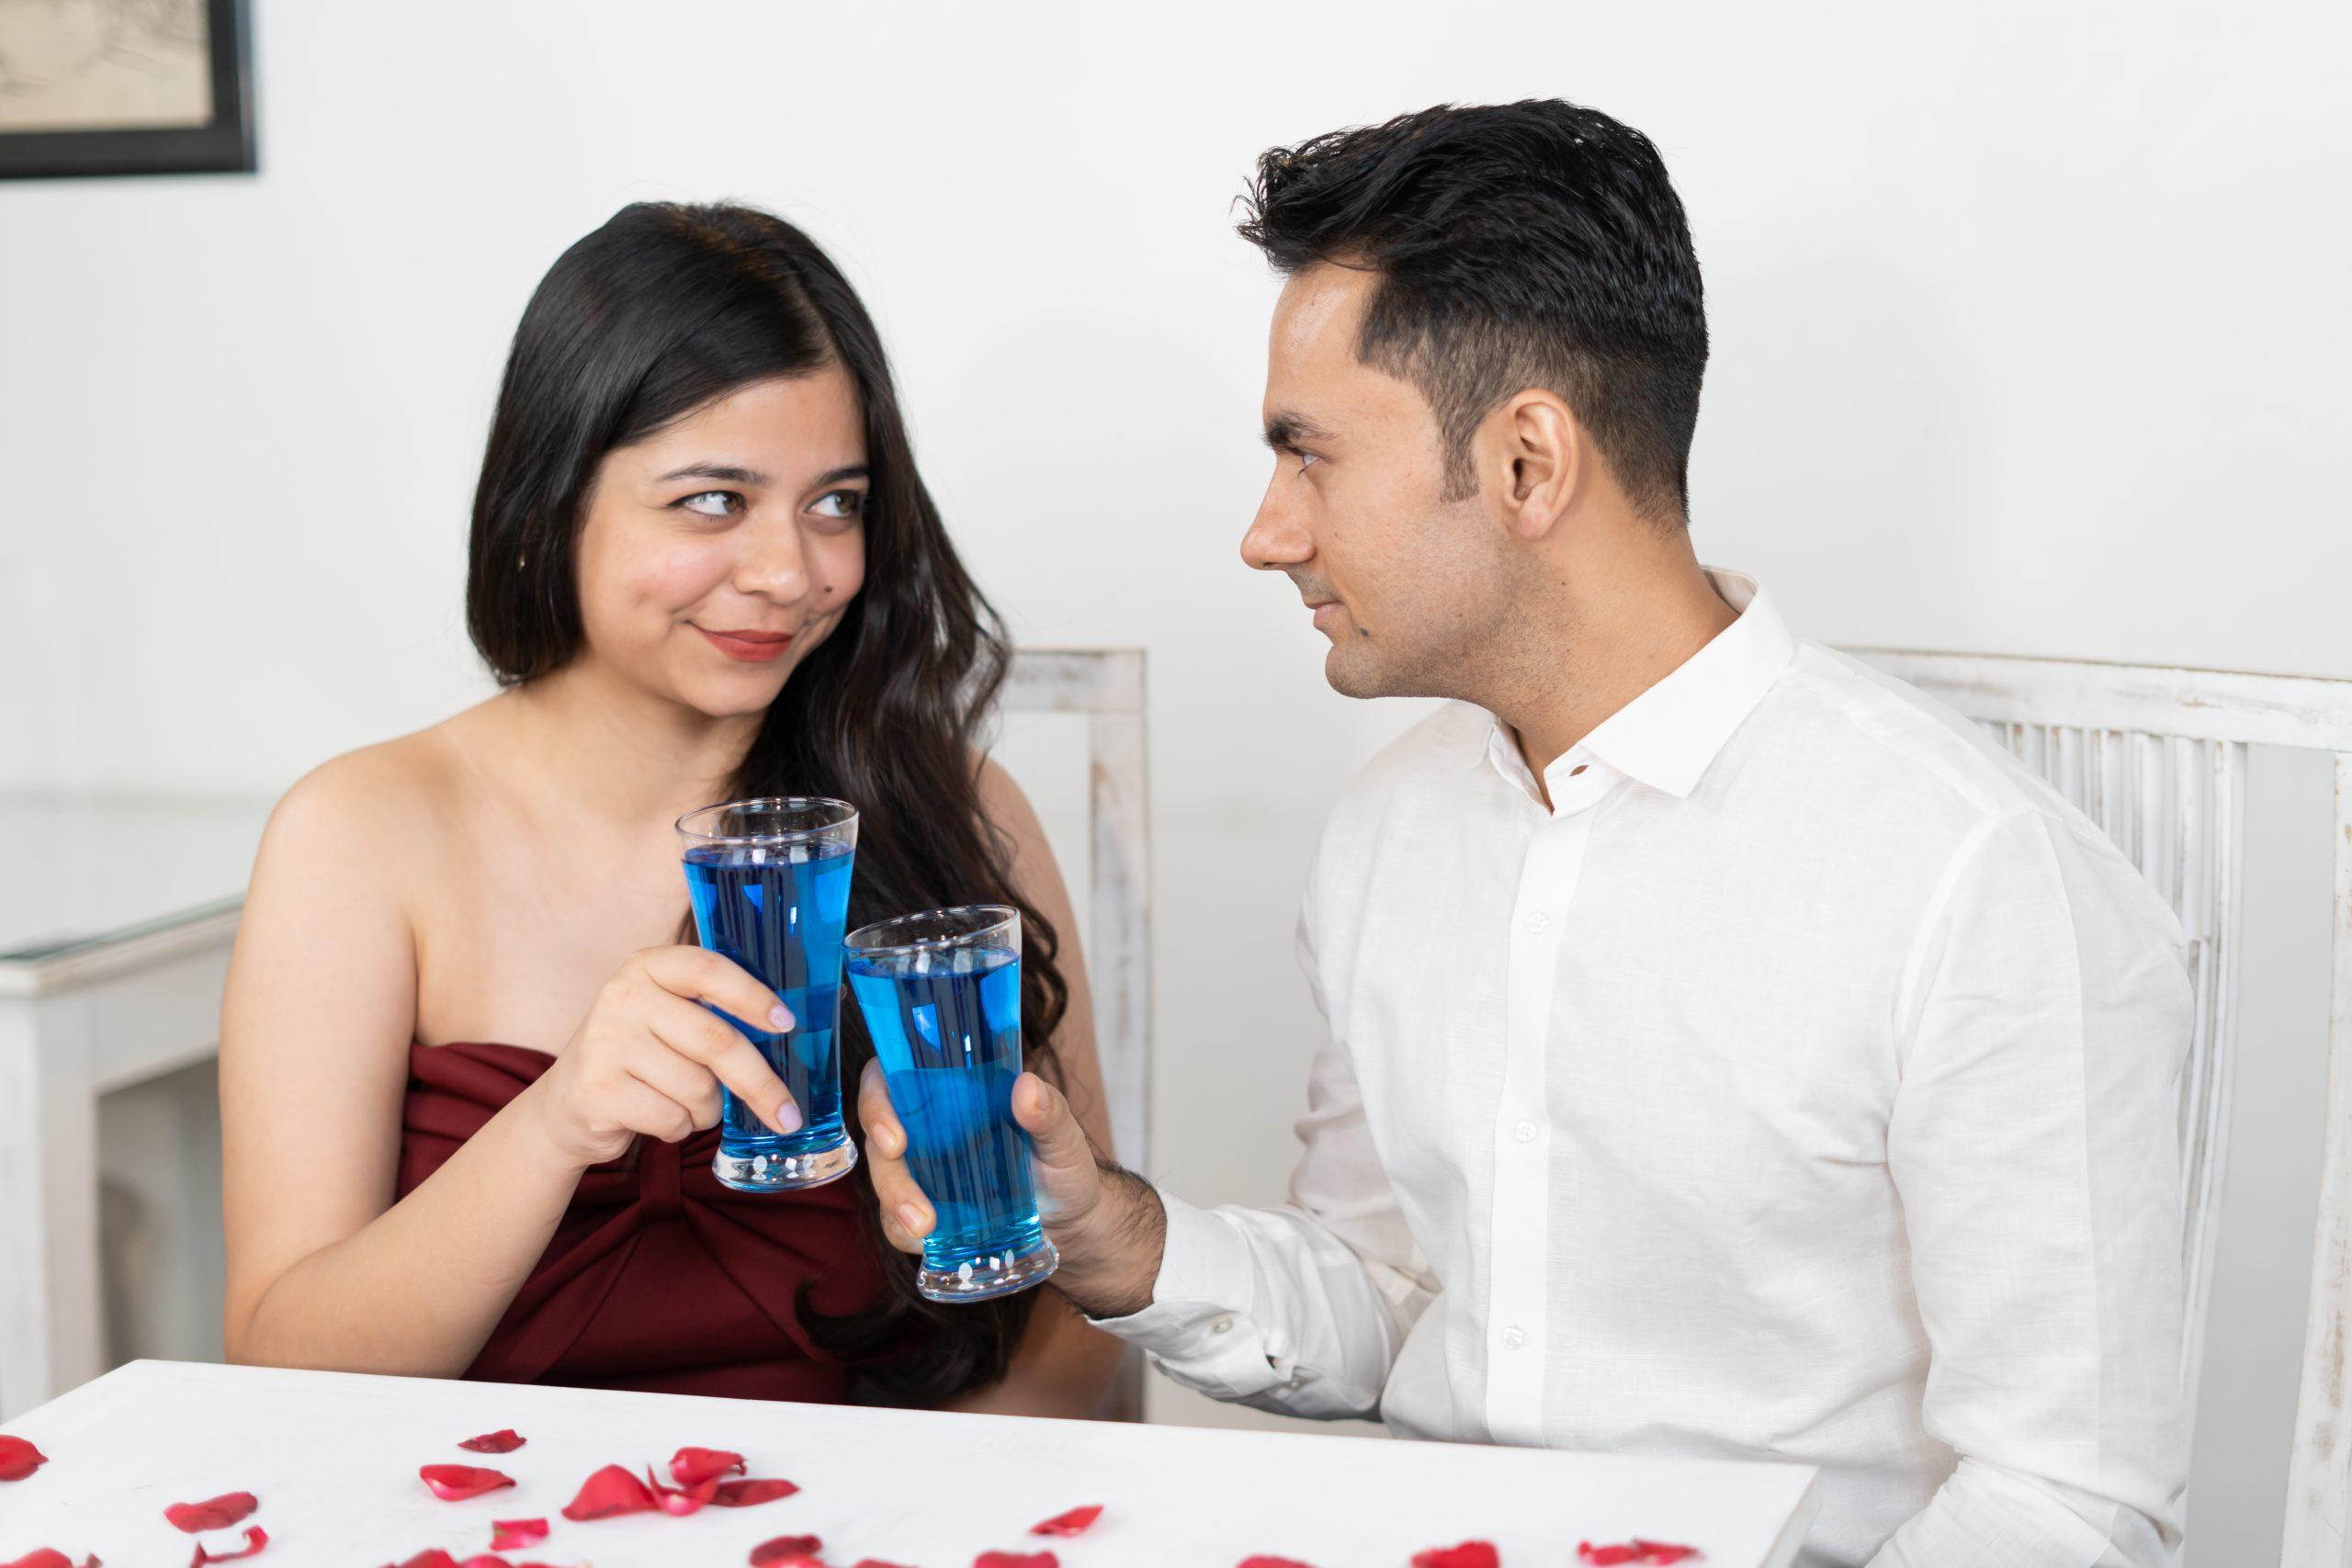 Eye contact between boy and girl